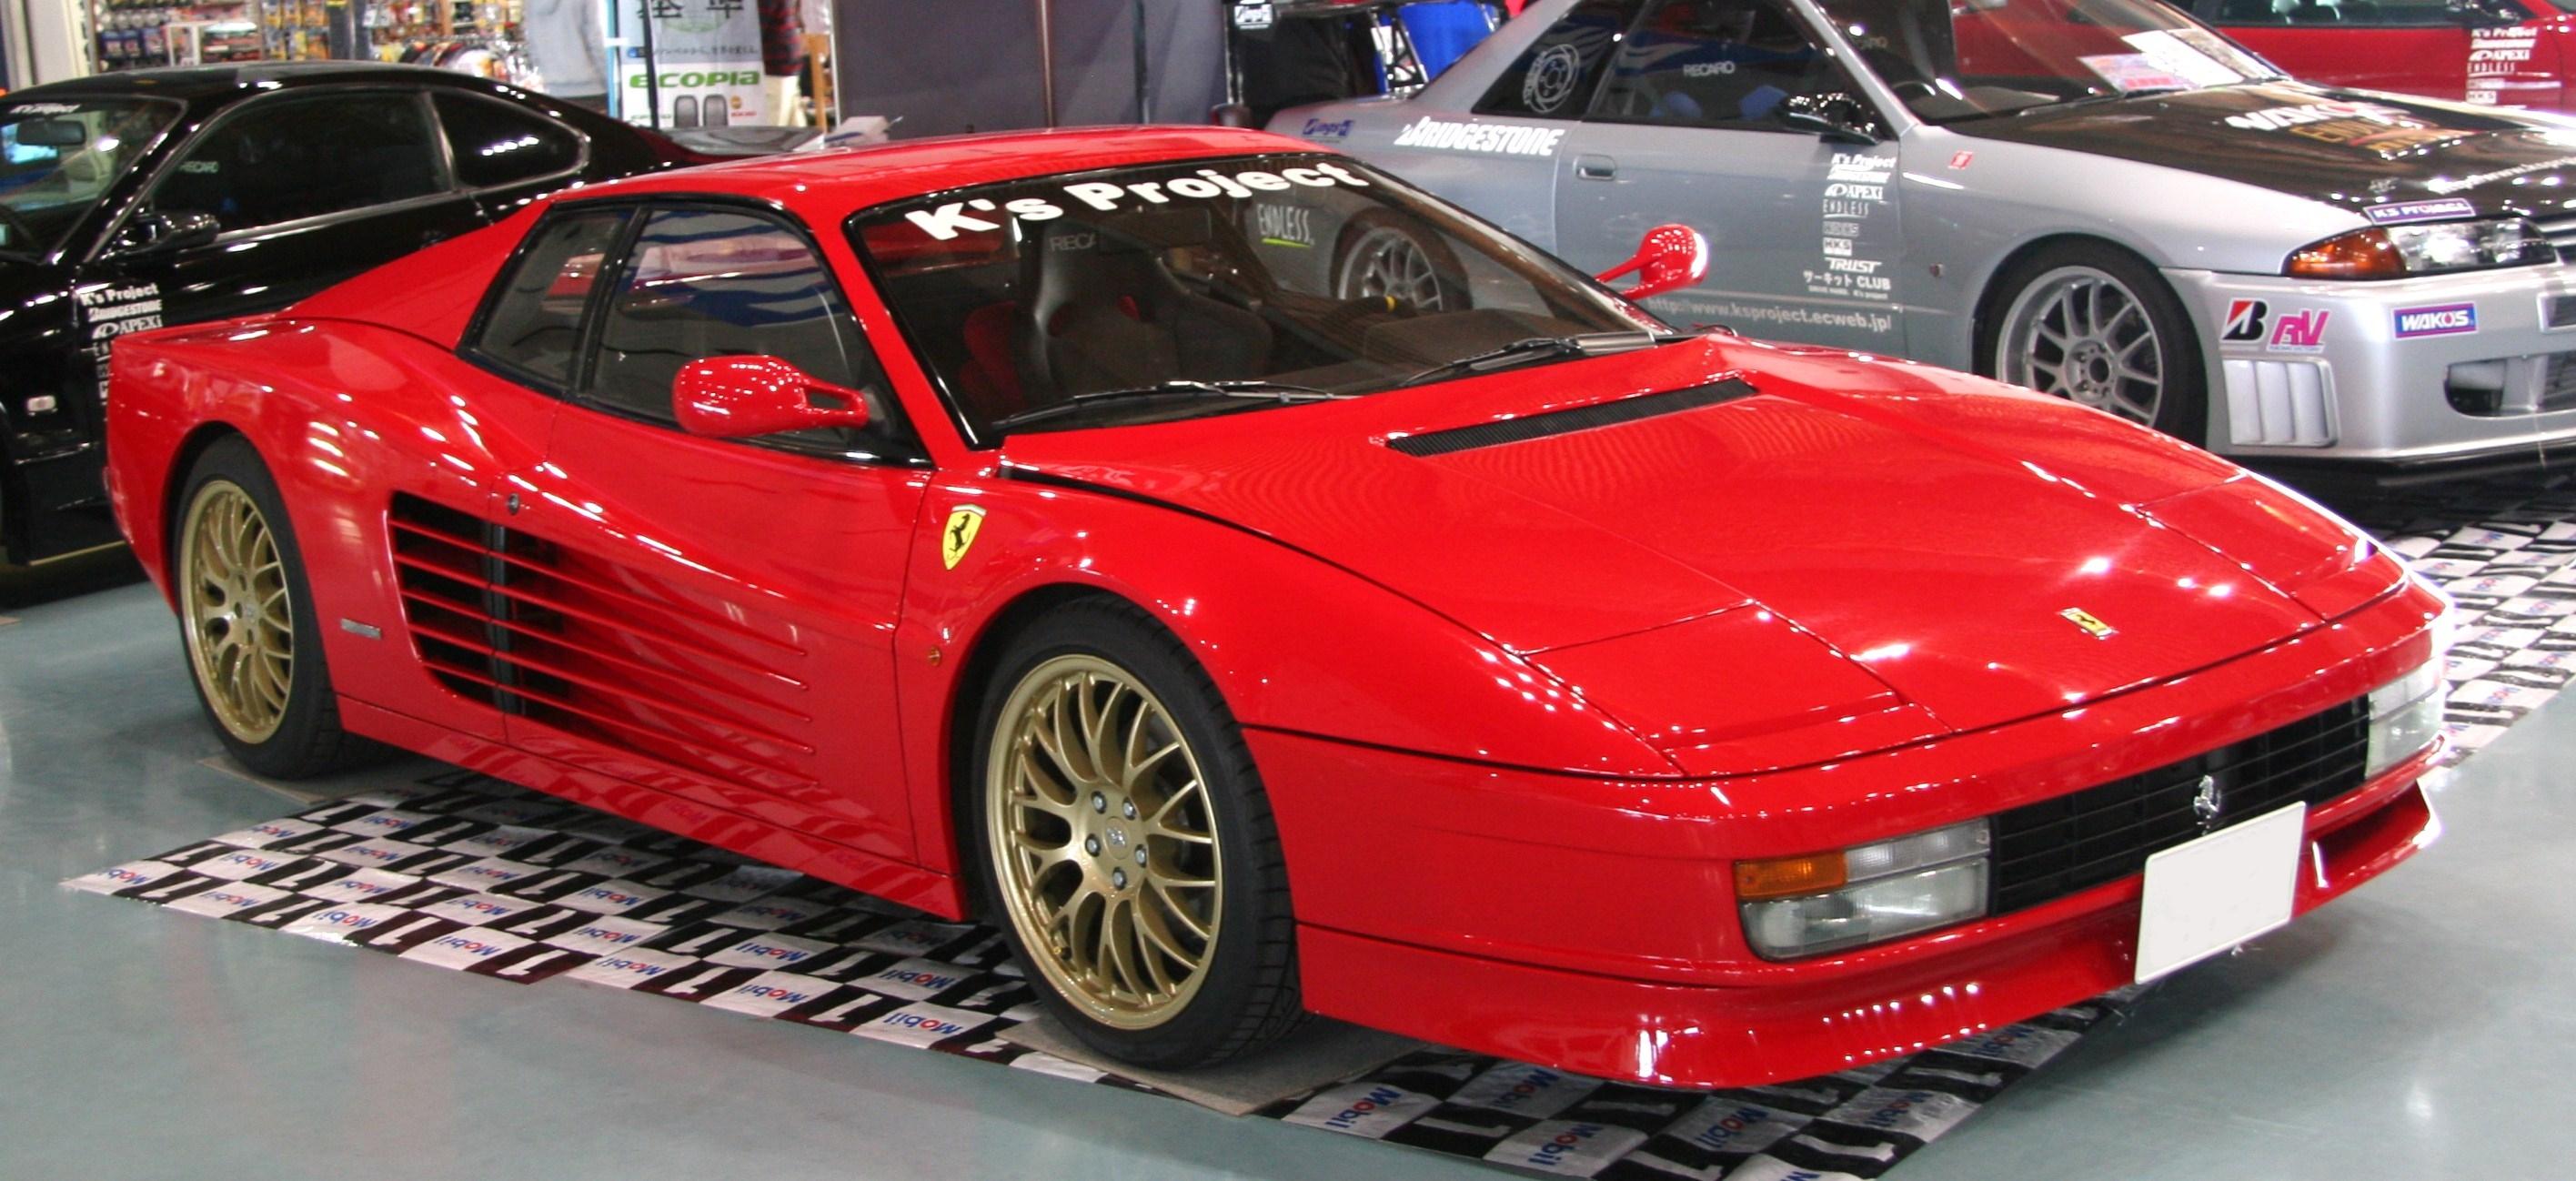 Afbeeldingsresultaat voor Ferrari Testarossa